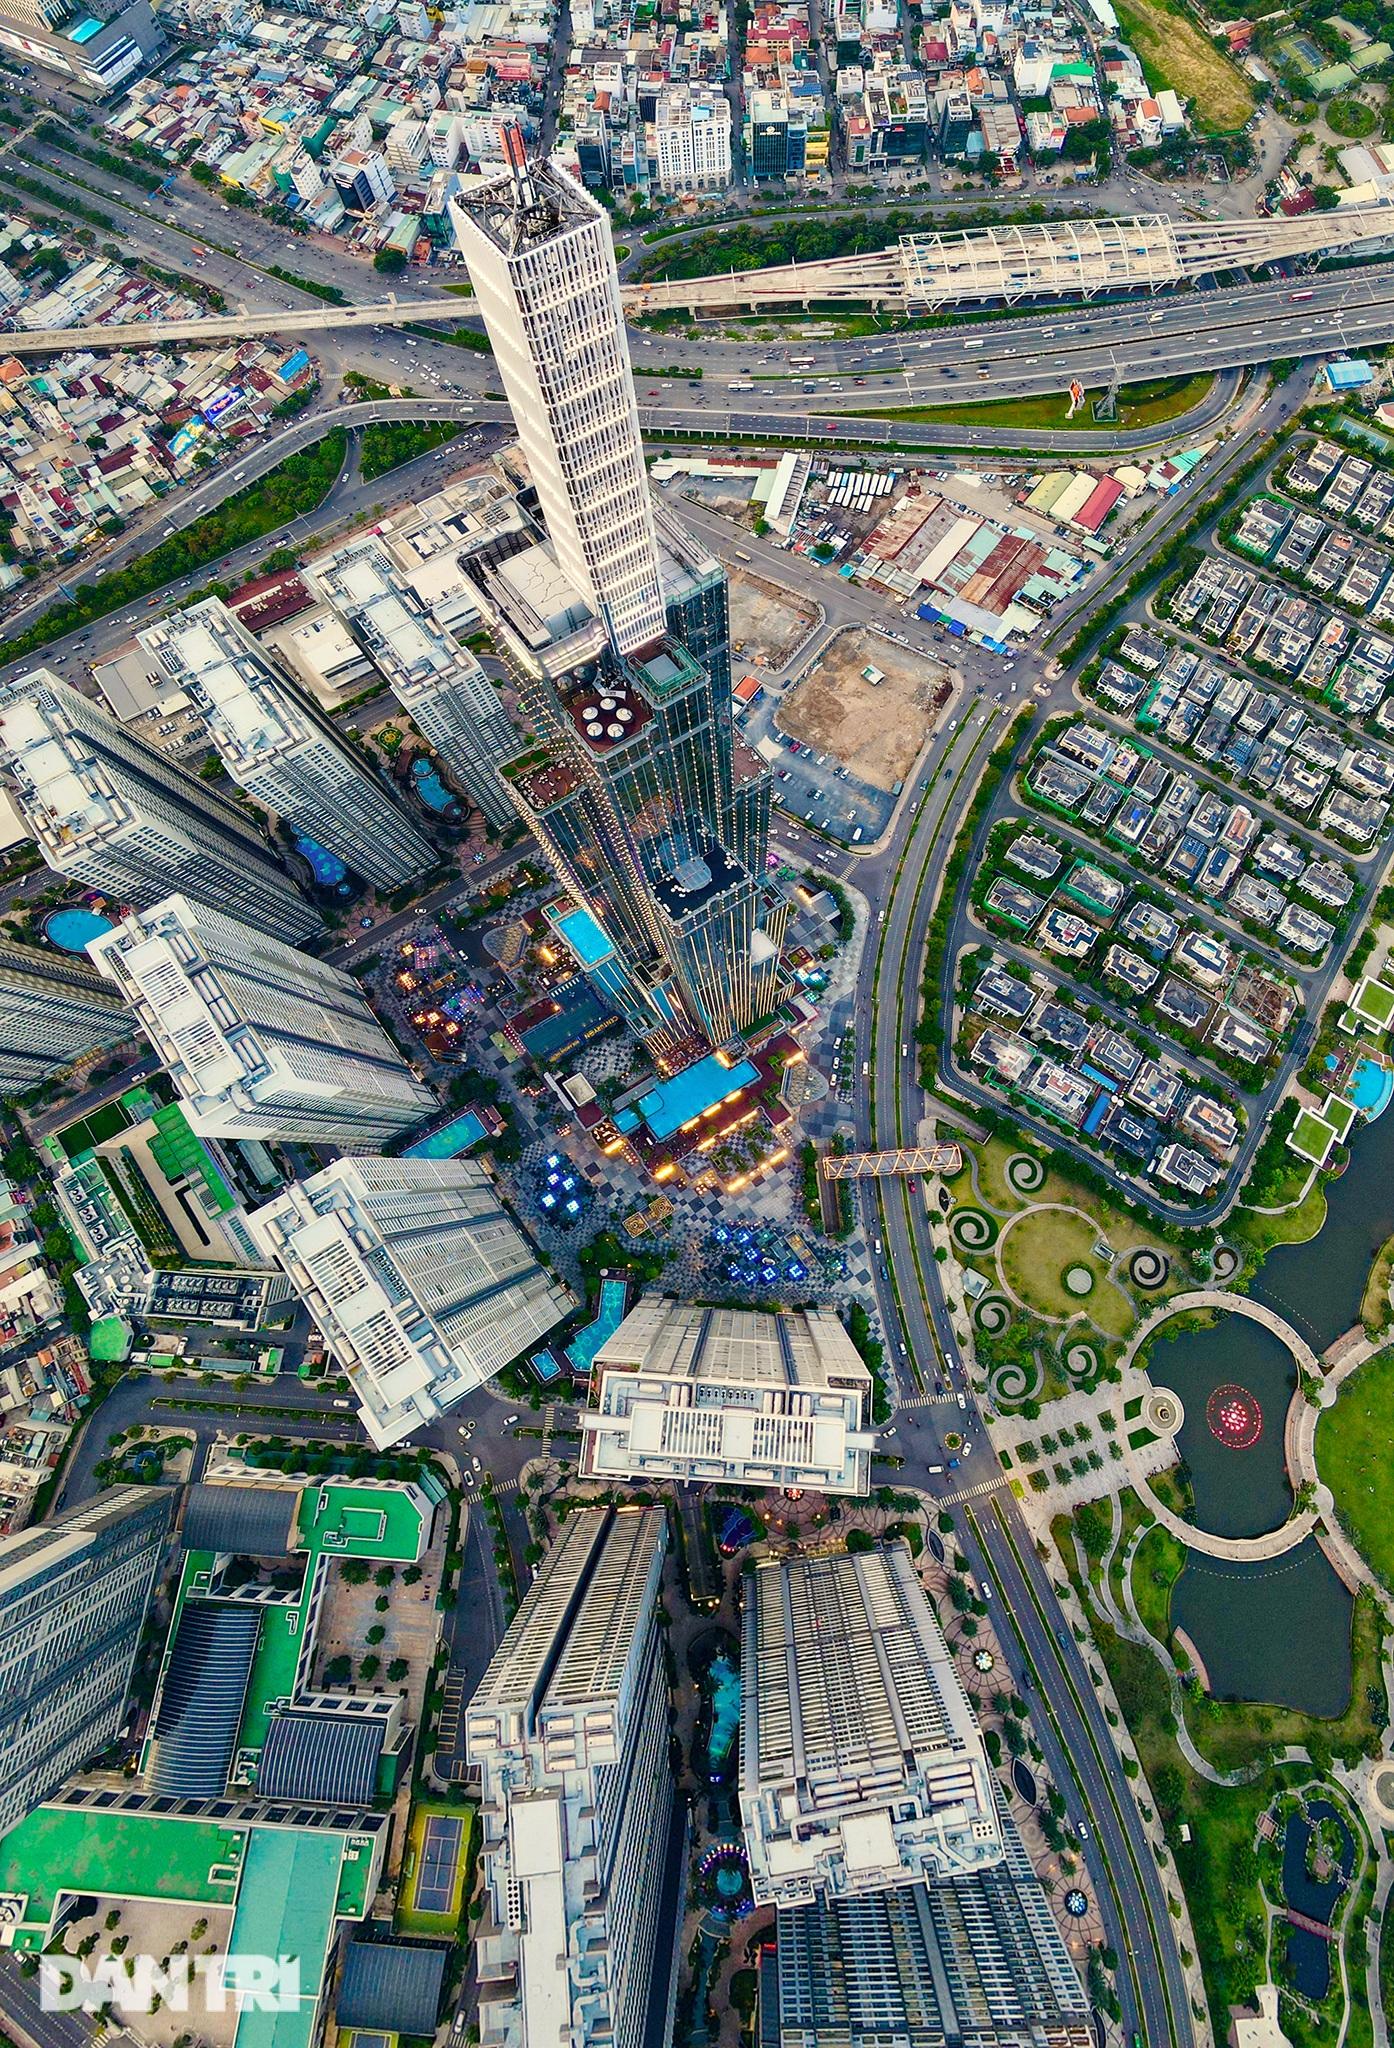 Thành phố Hồ Chí Minh - Vẻ đẹp của một Siêu đô thị hiện đại - 7